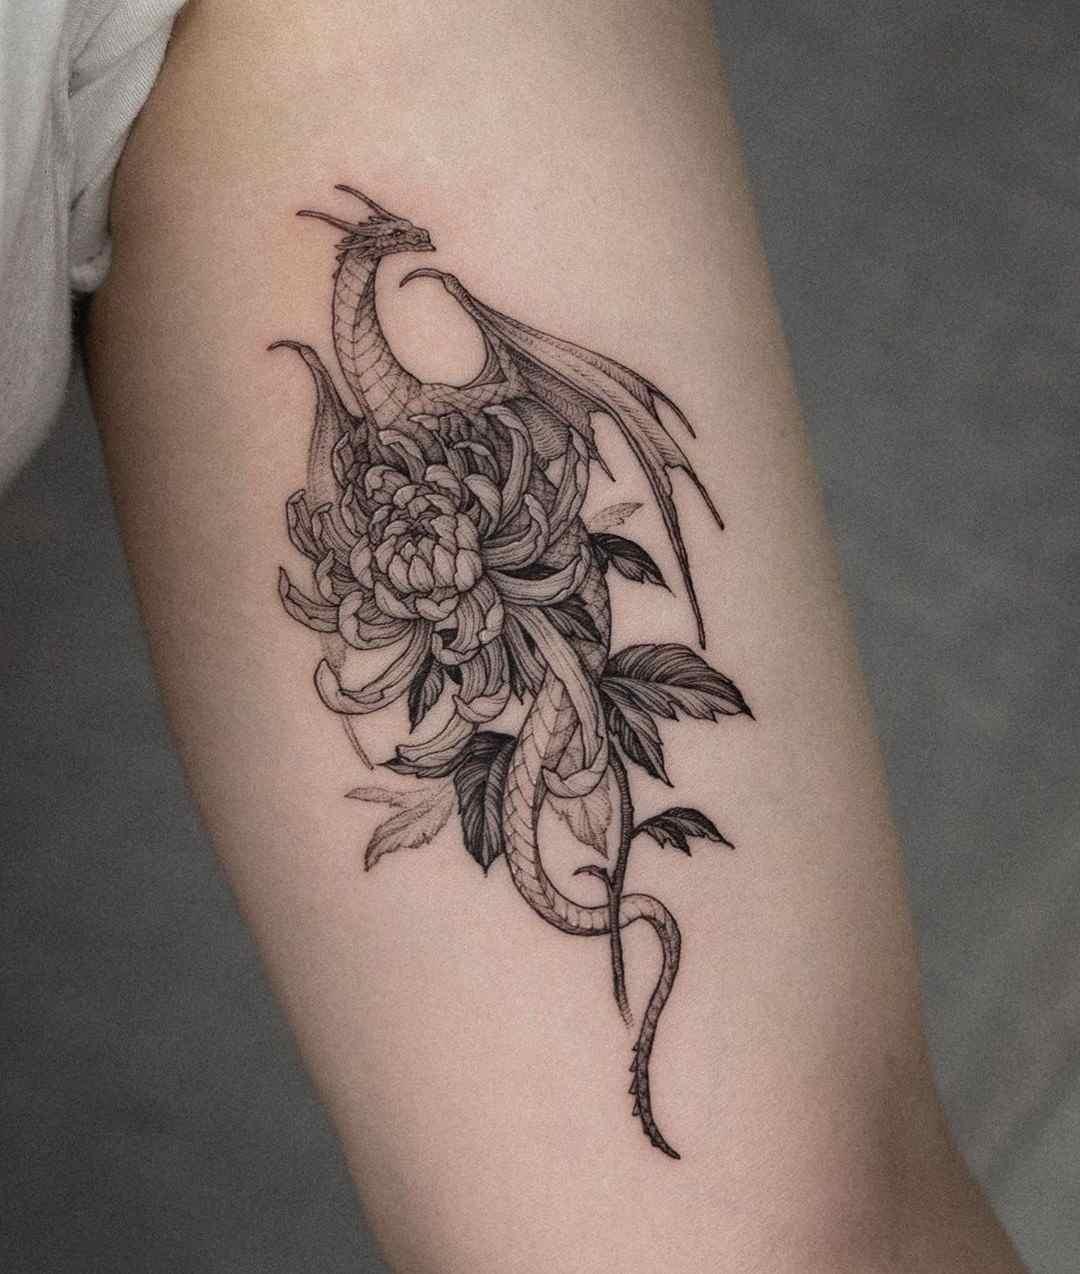 Tatuaje de dragón para el brazo